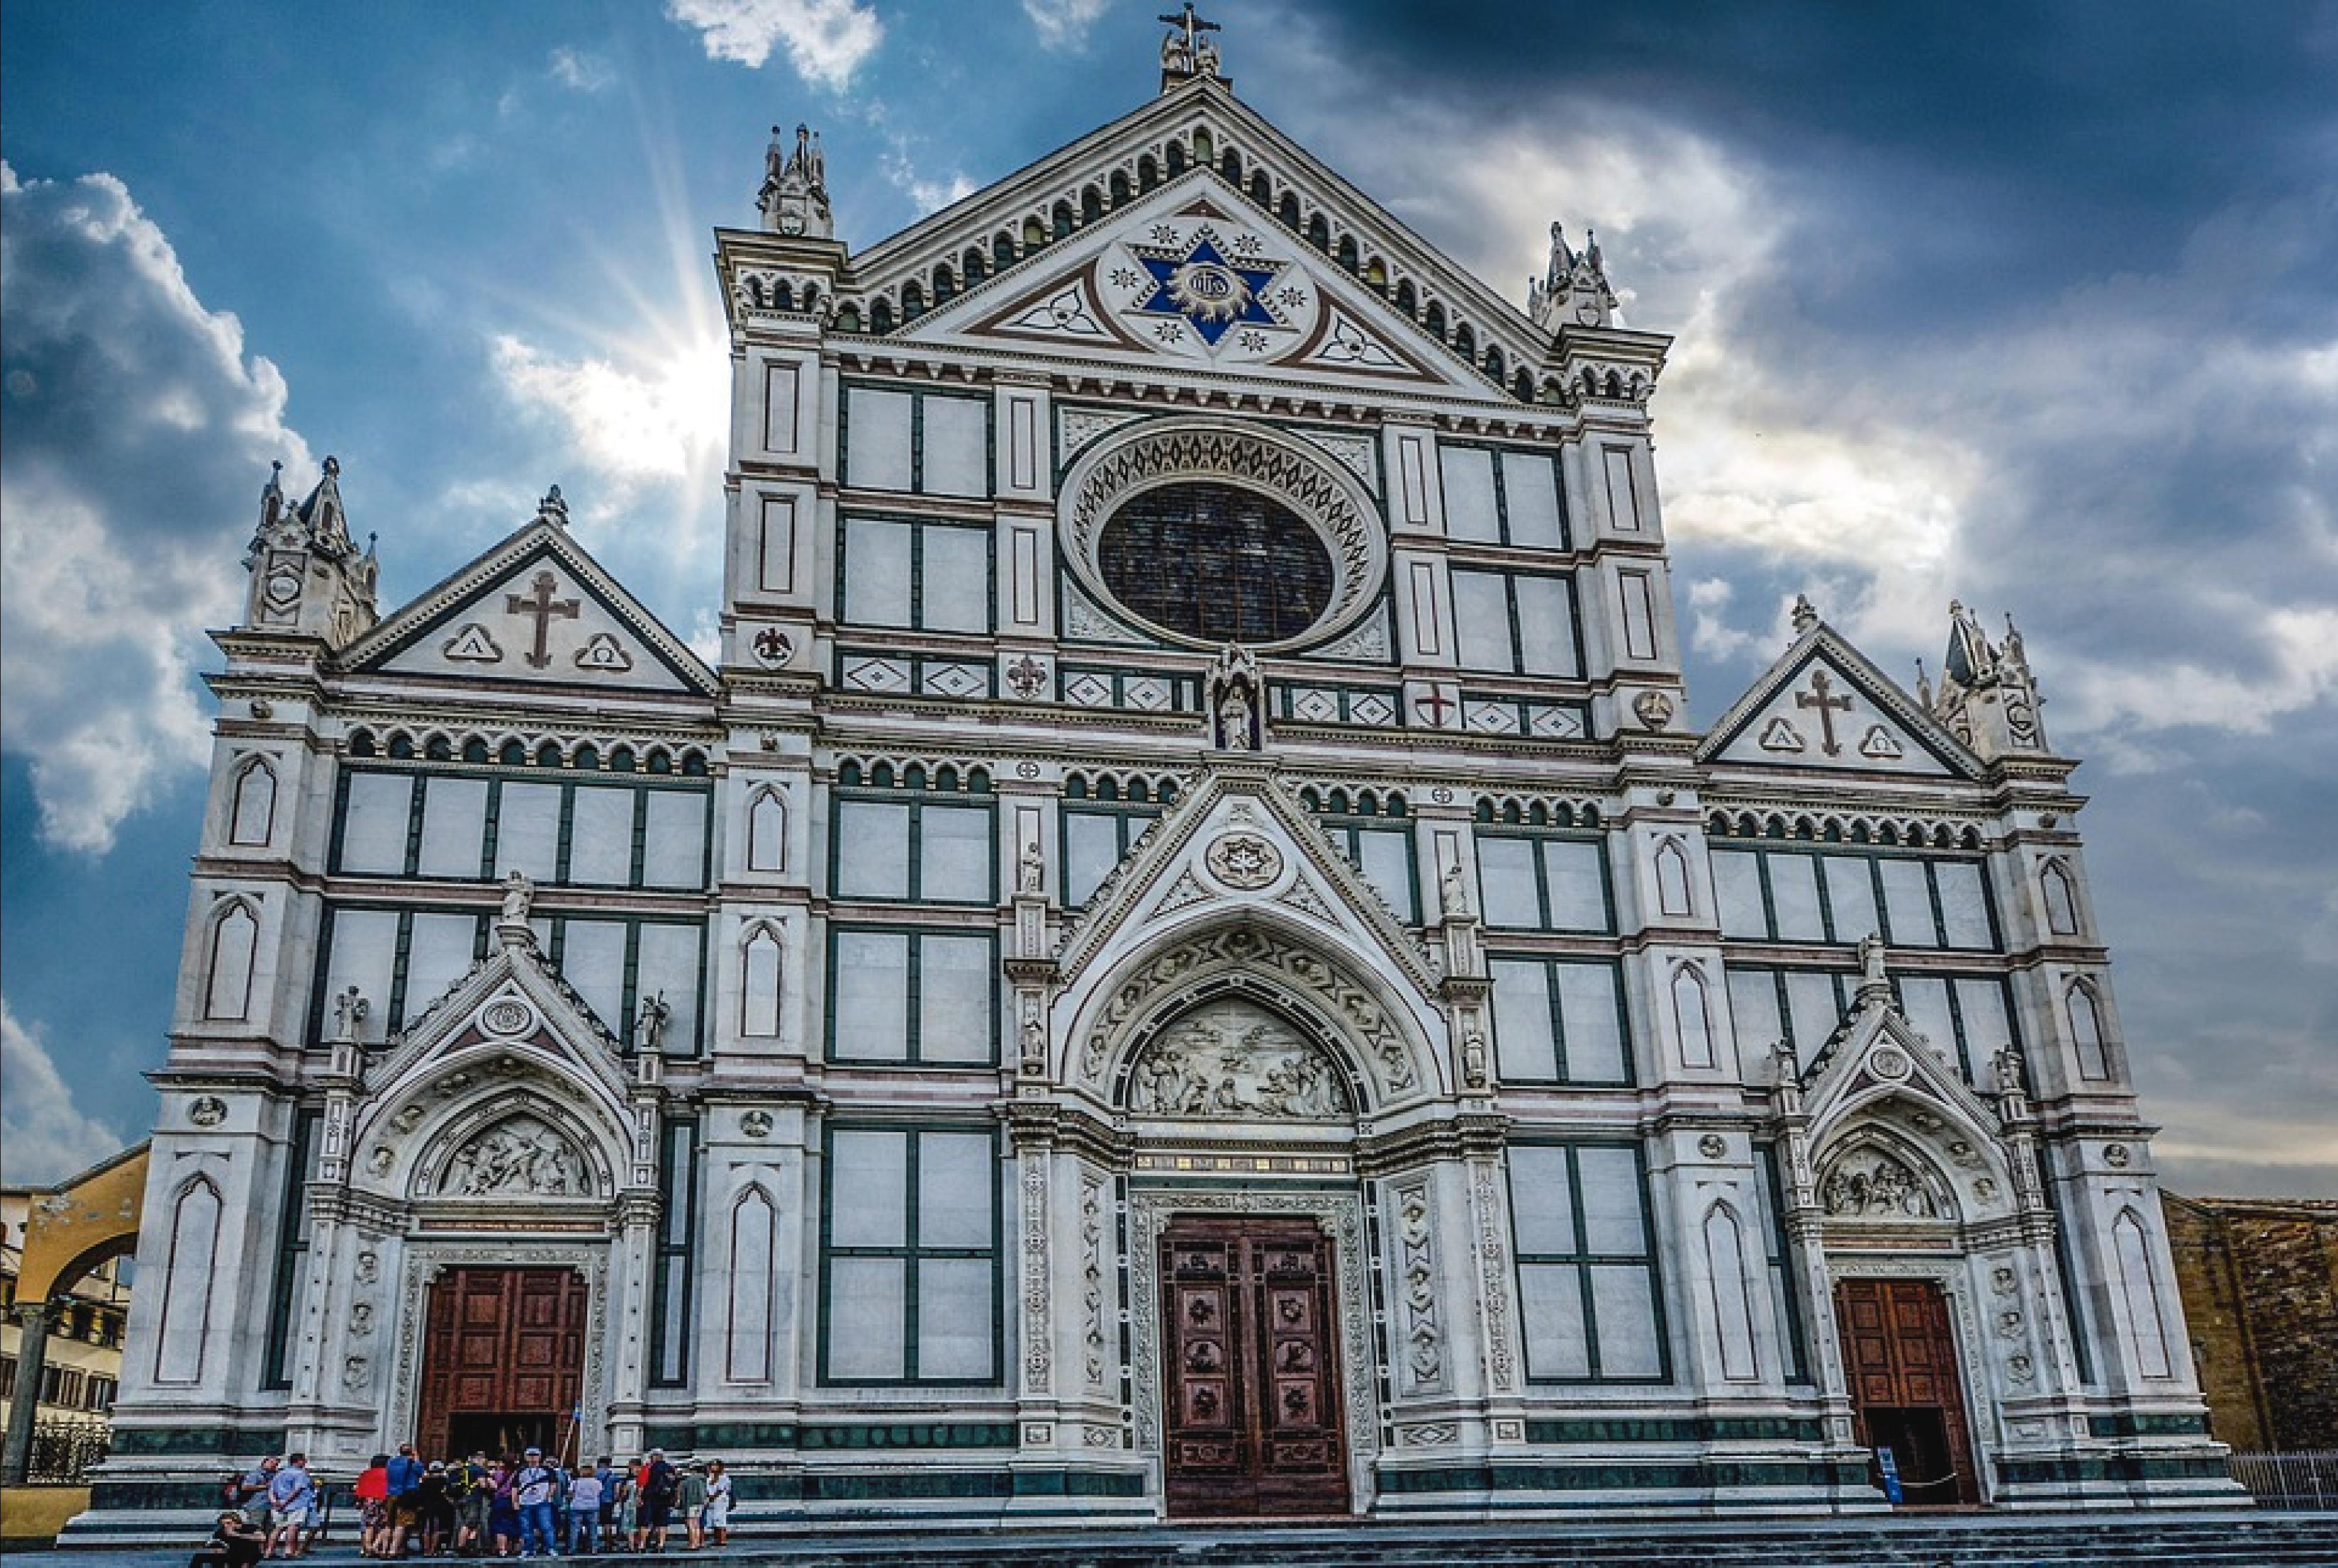 Fotografía de la básilica de la Santa Croce, en Florencia